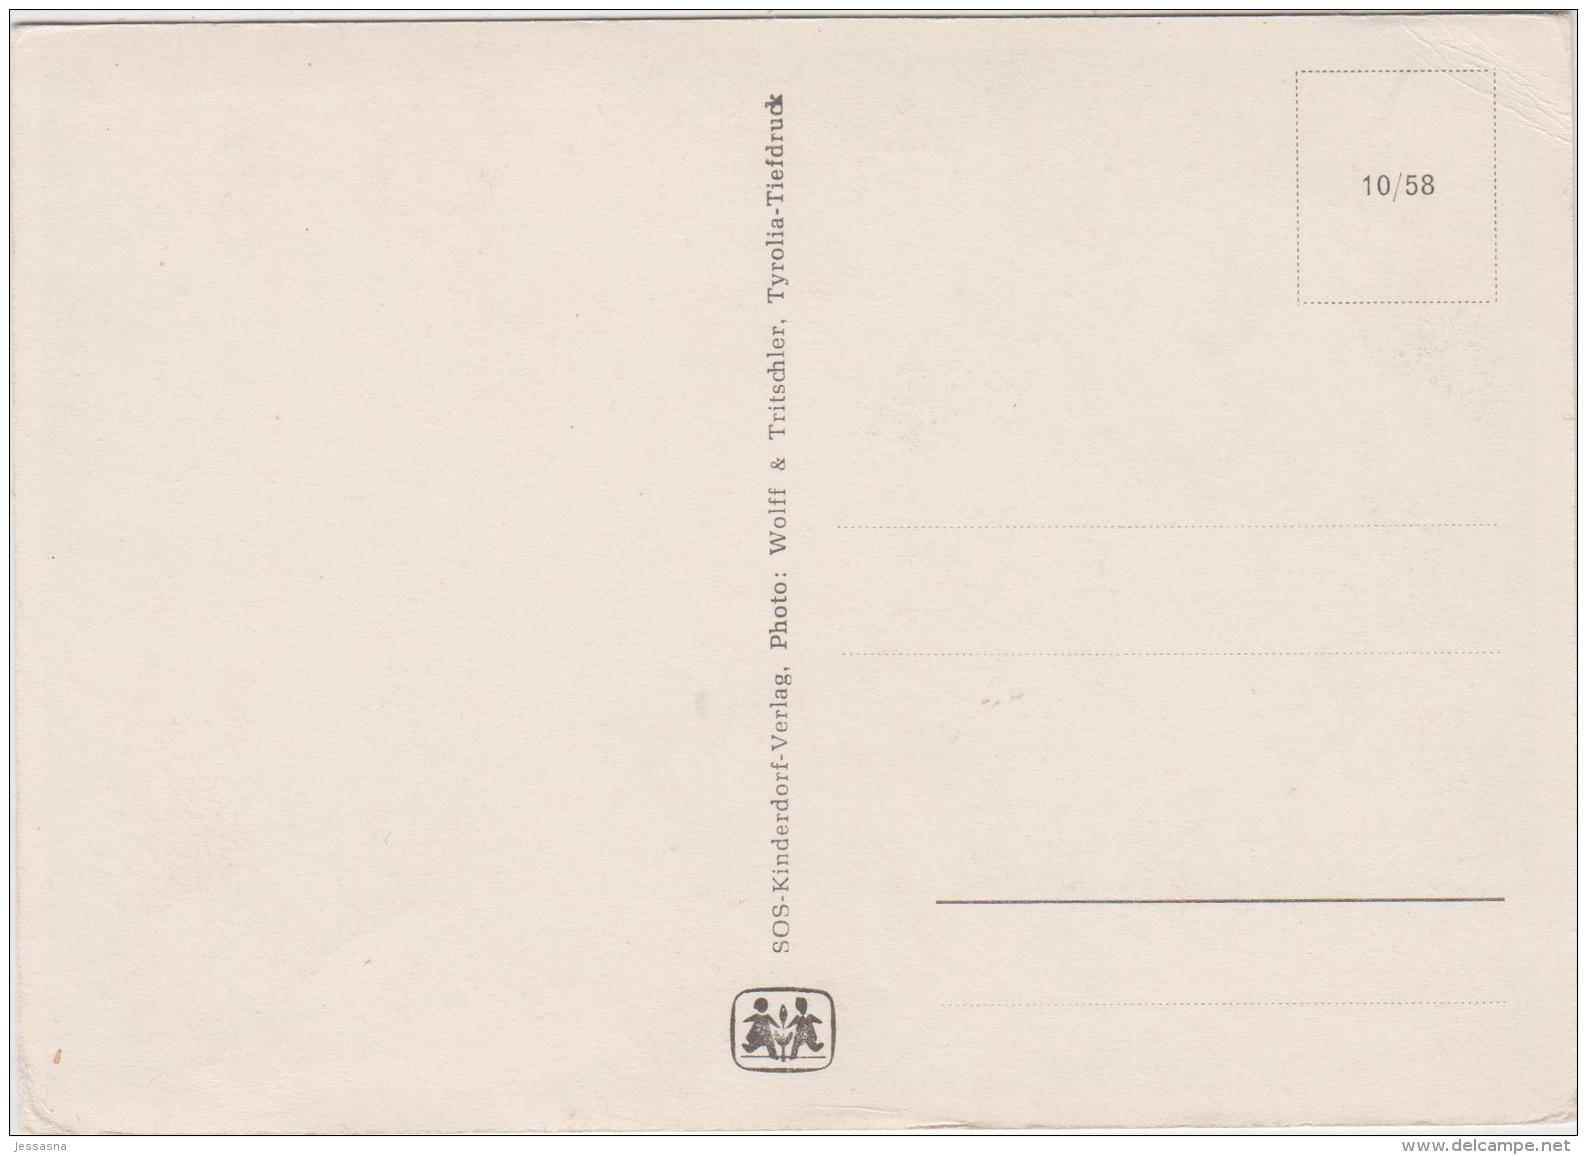 AK - SOS Kinderdorf - Karte - 40iger Jahre - Kinder